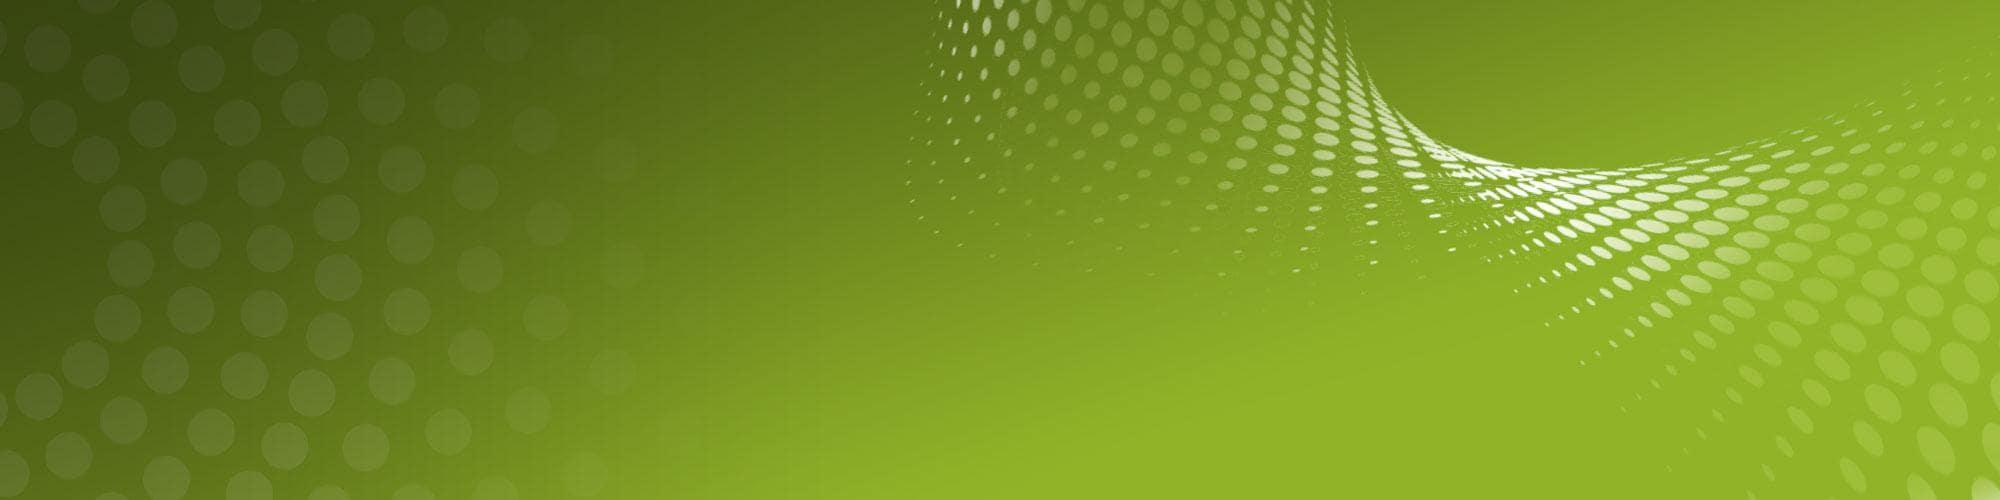 柠檬绿色横幅图片